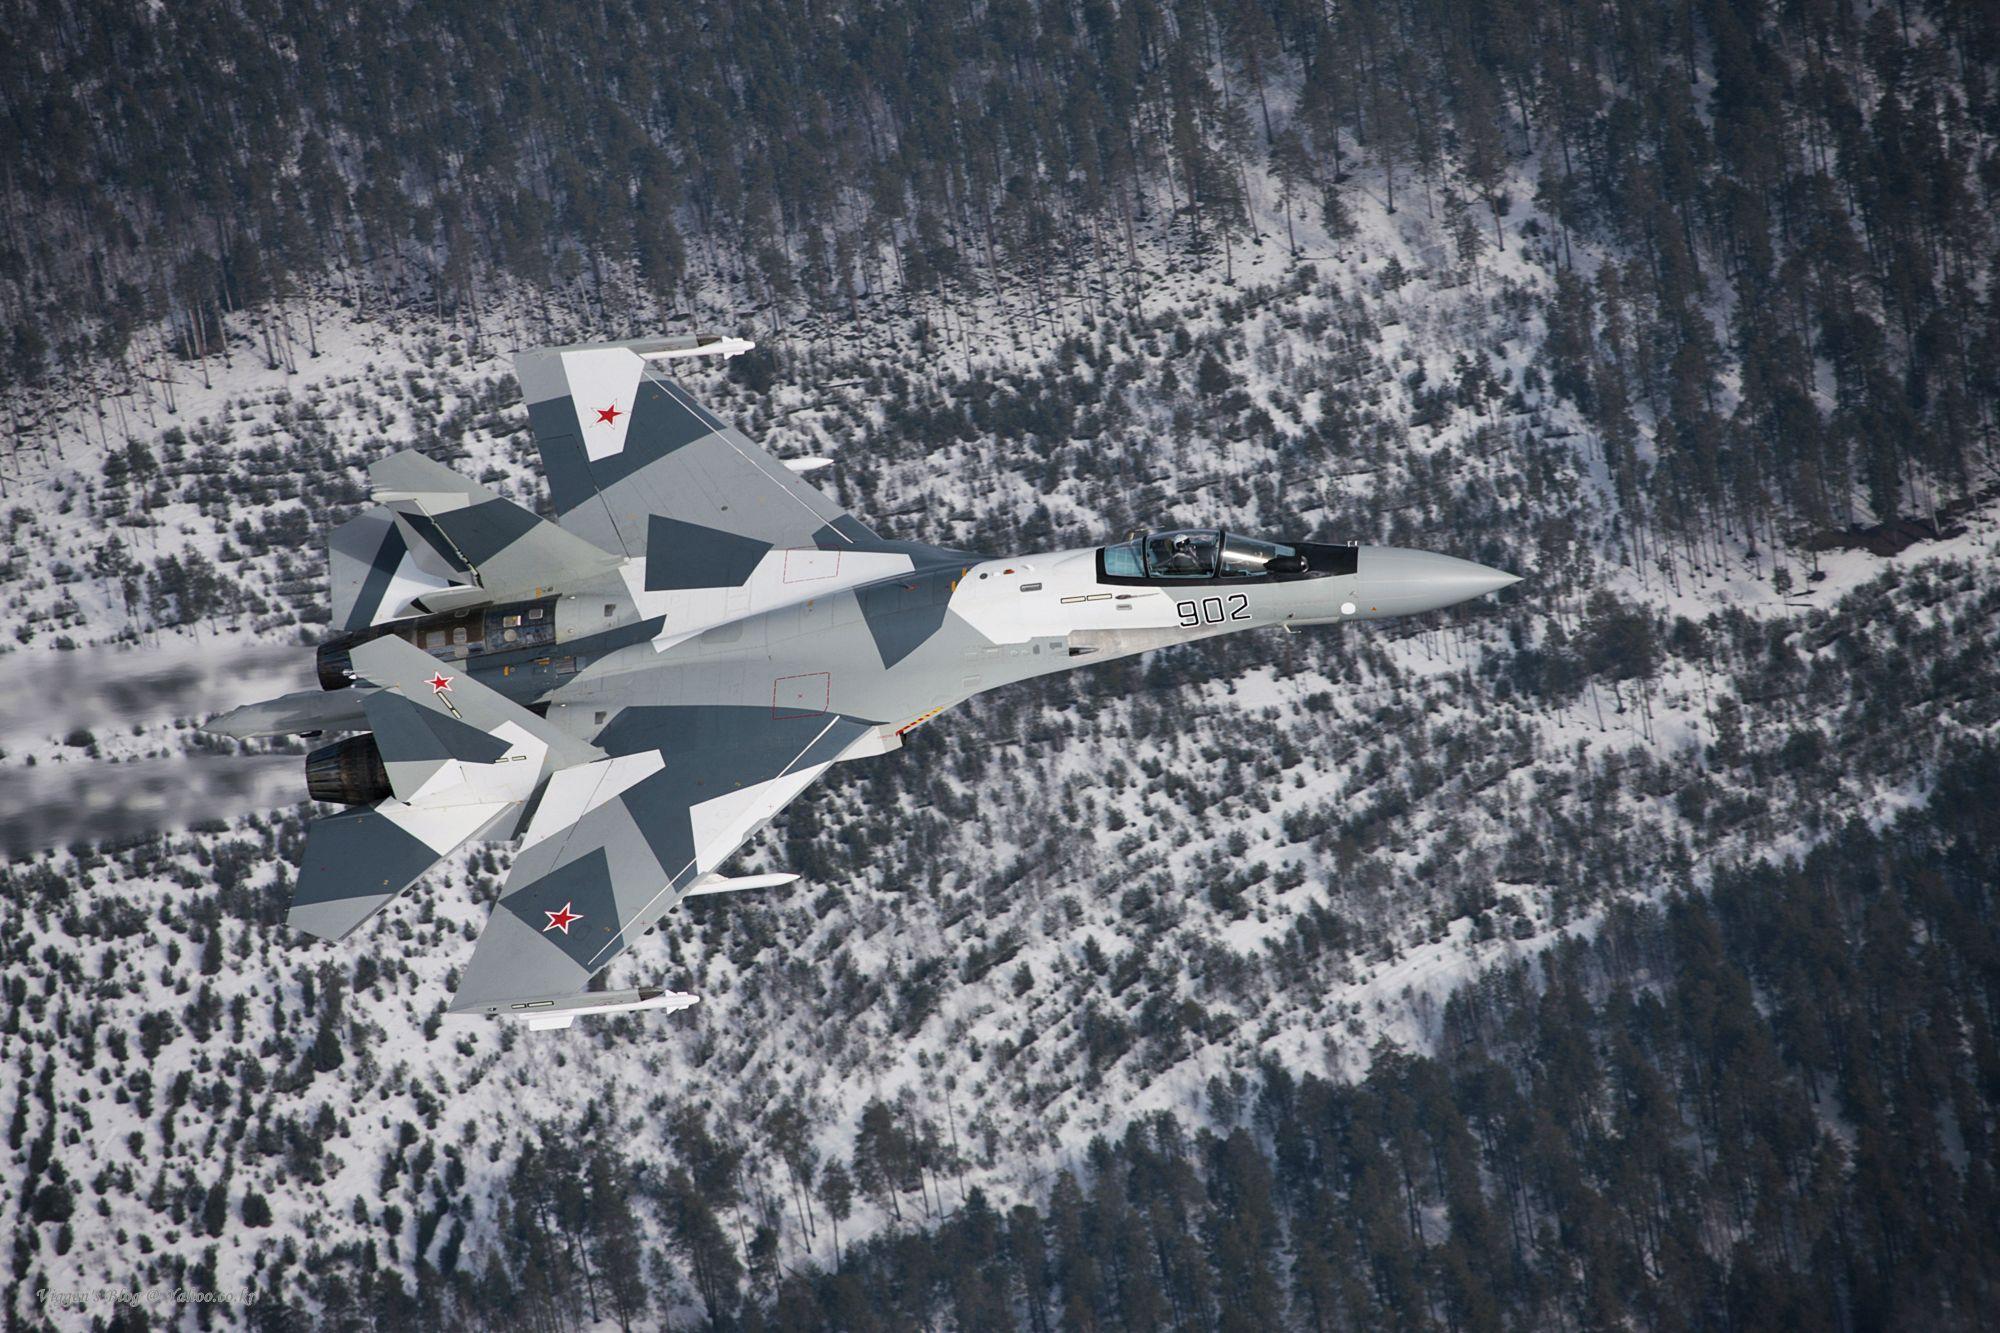 su-35bm-2-3